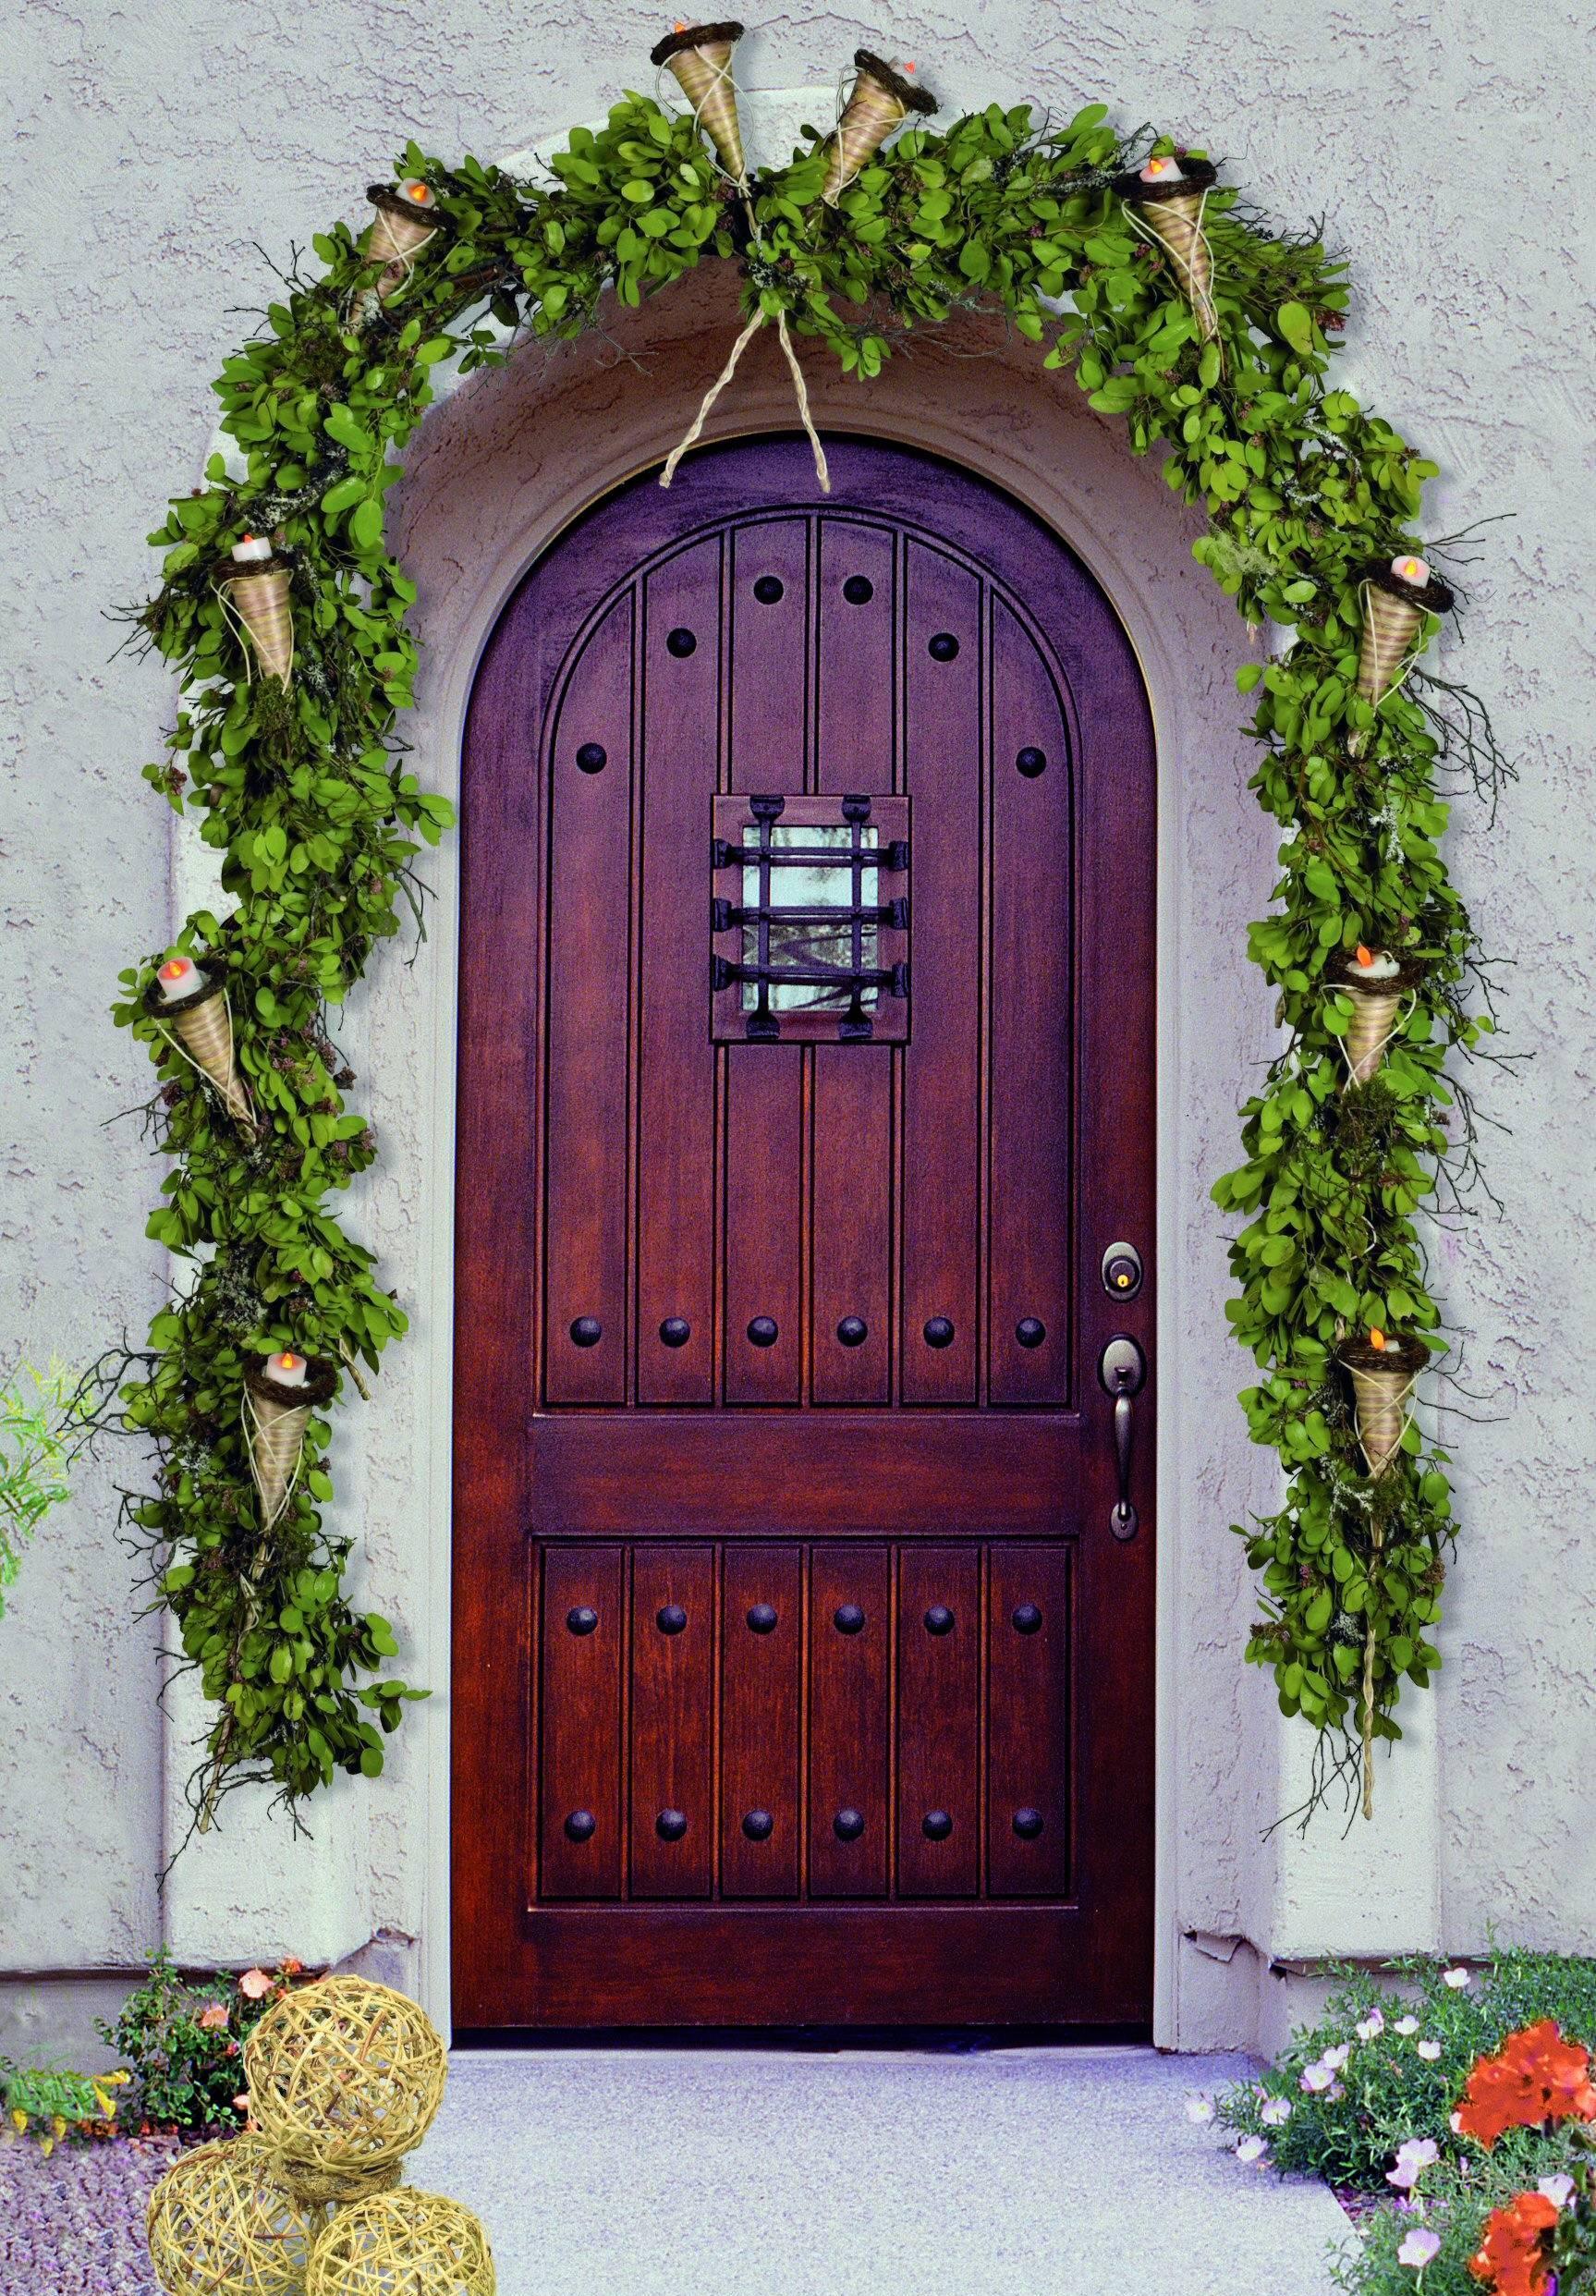 купить входную уличную дверь в загородный дом